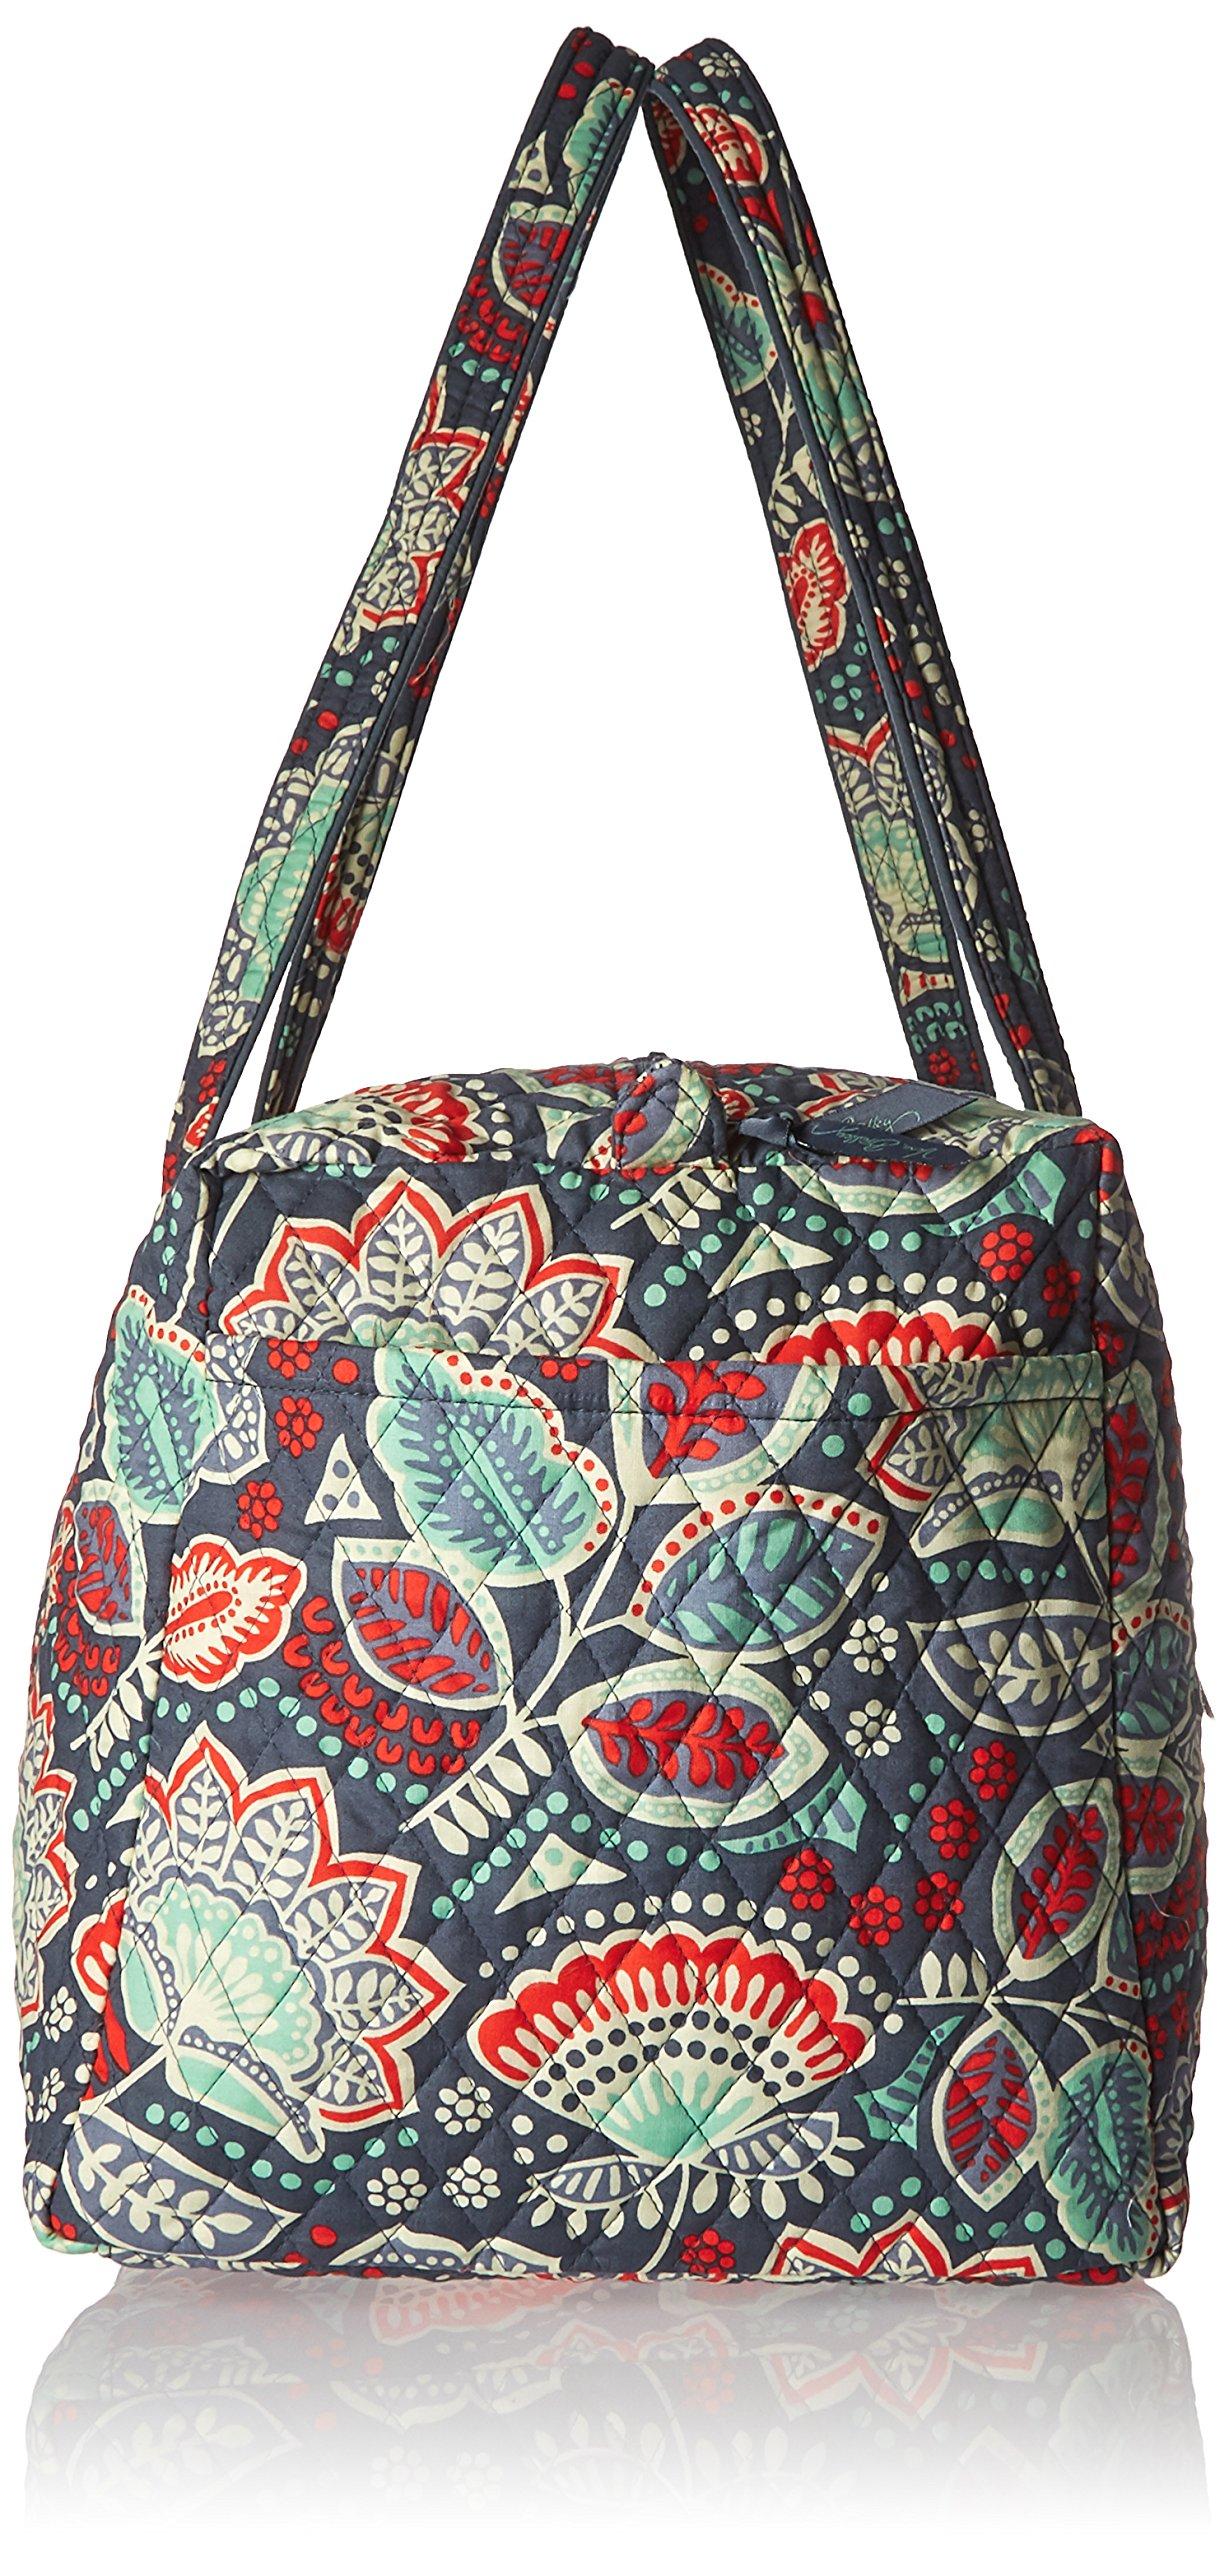 Vera Bradley Luggage Women's Large Duffel Nomadic Floral Duffel Bag by Vera Bradley (Image #3)